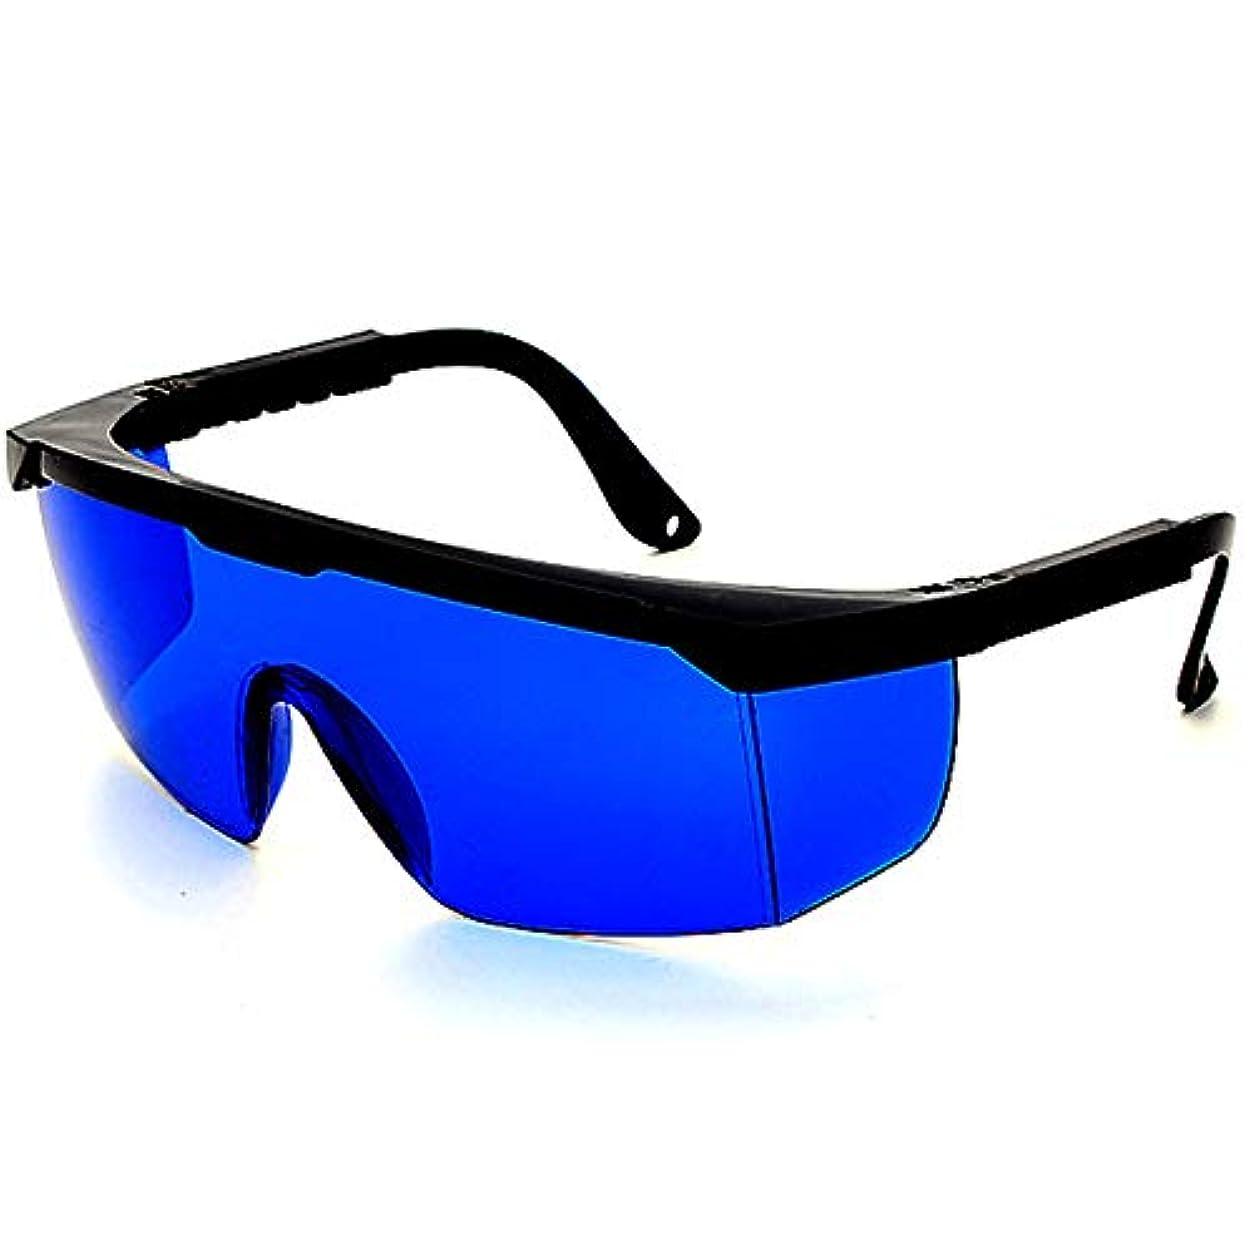 より砦蜂レーザー保護メガネIPL美容機器メガネ、レーザーメガネ - 2組のパルス光保護メガネ。